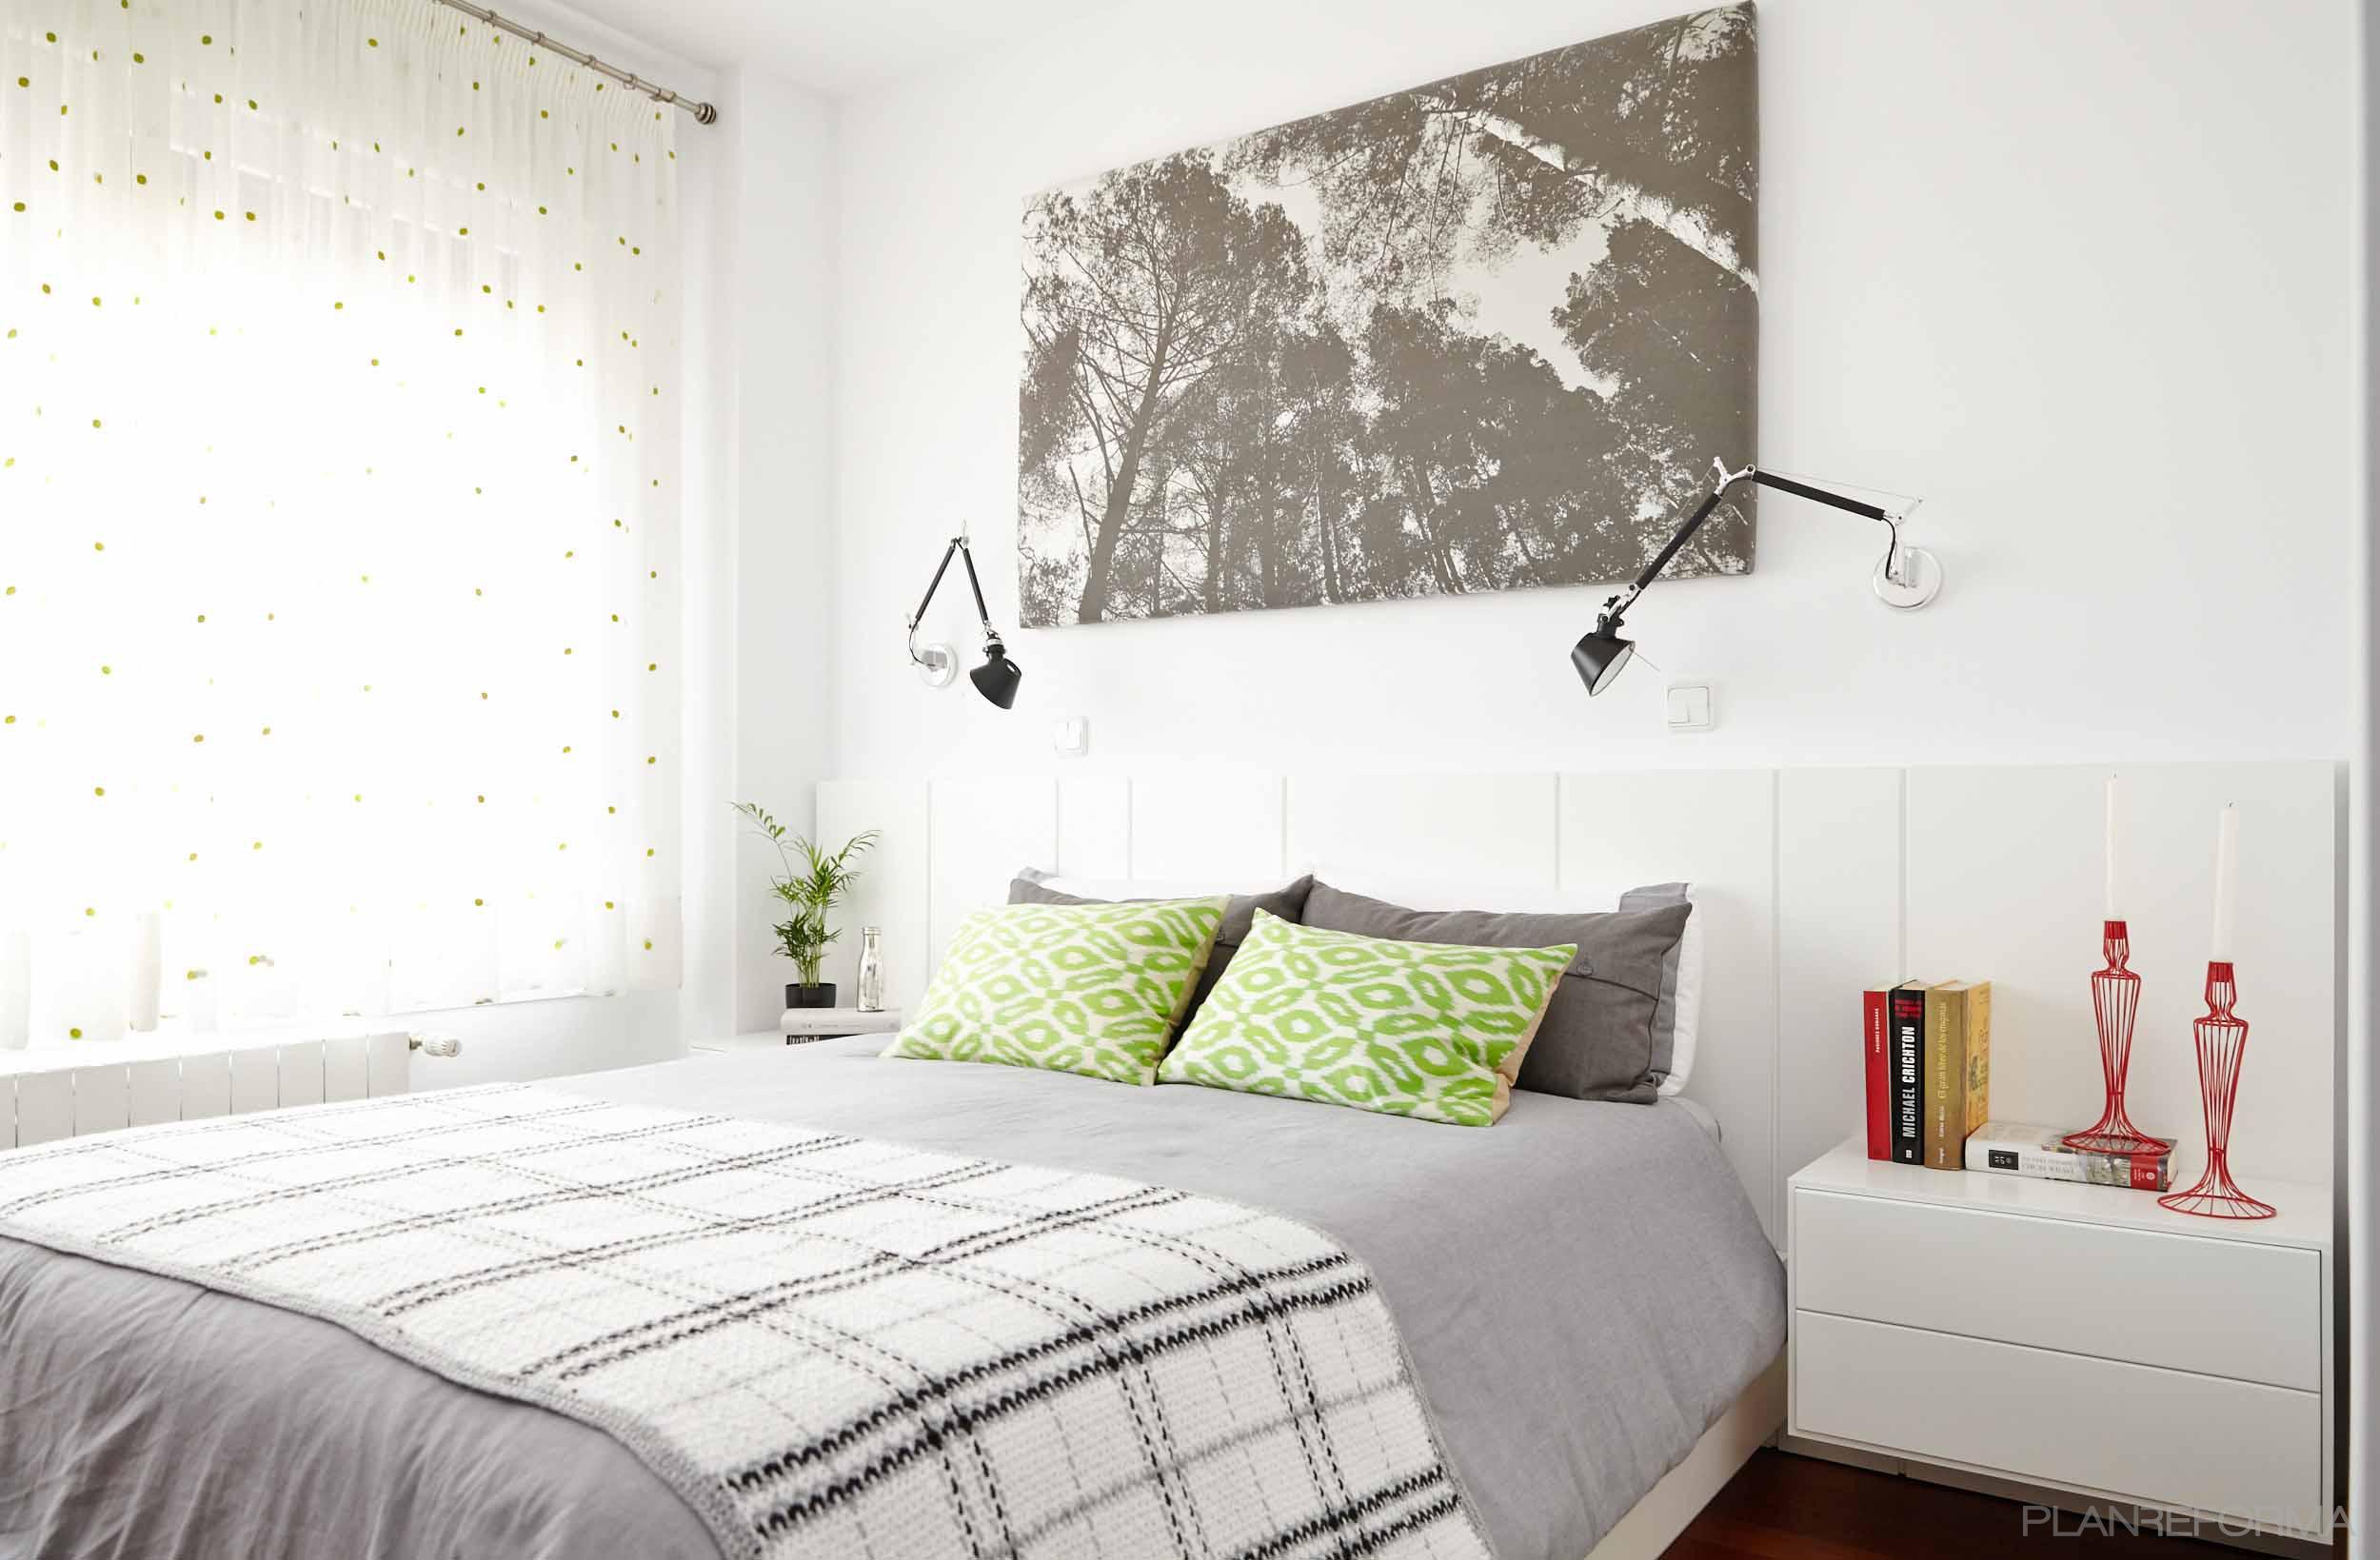 Dormitorio style moderno color beige blanco gris for Dormitorios color blanco